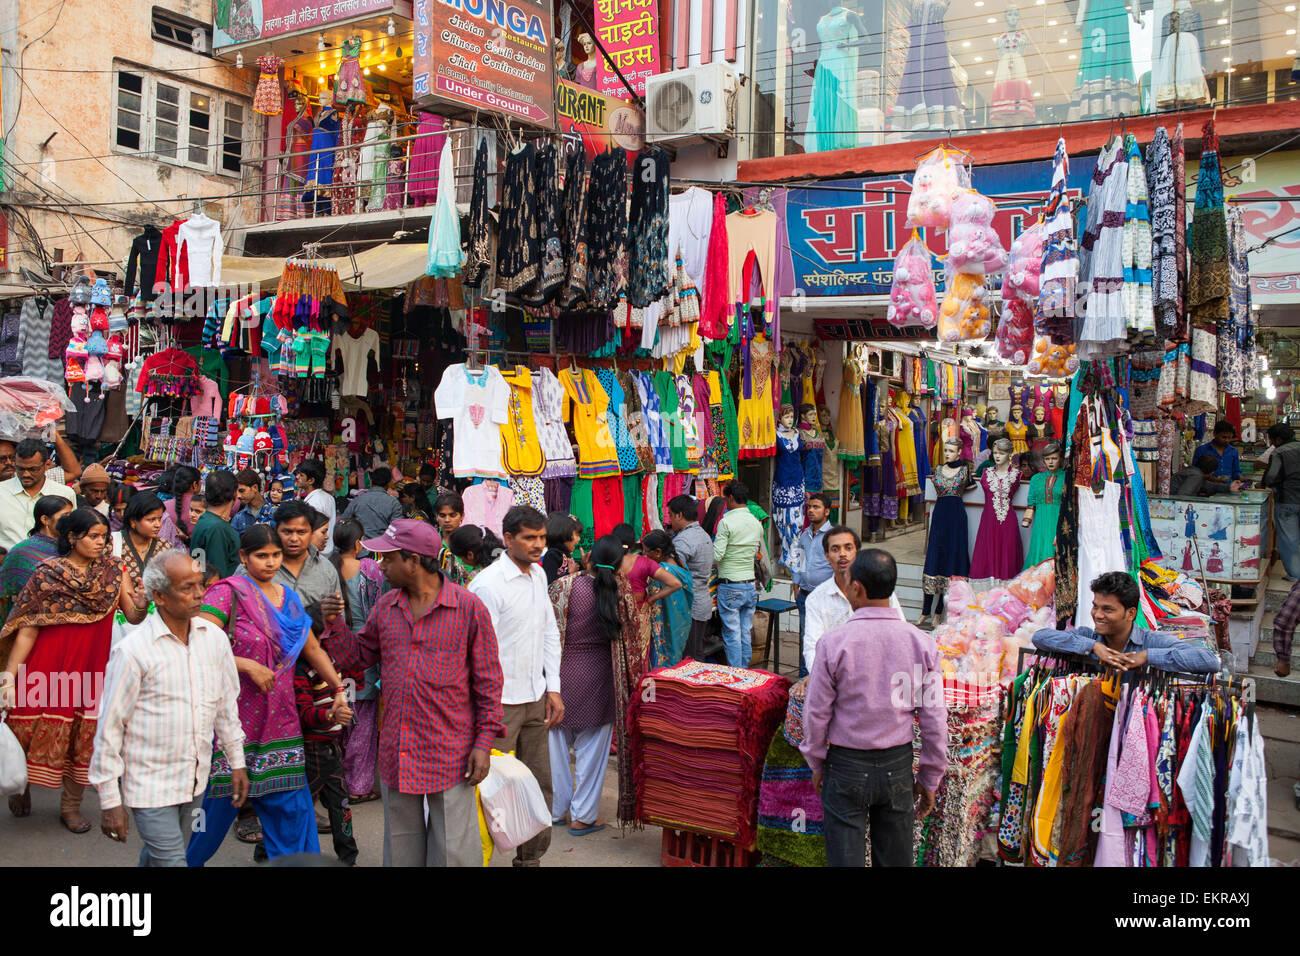 Ropa y tiendas minoristas en Dashaswmedh Ghat Road en Varanasi Imagen De Stock